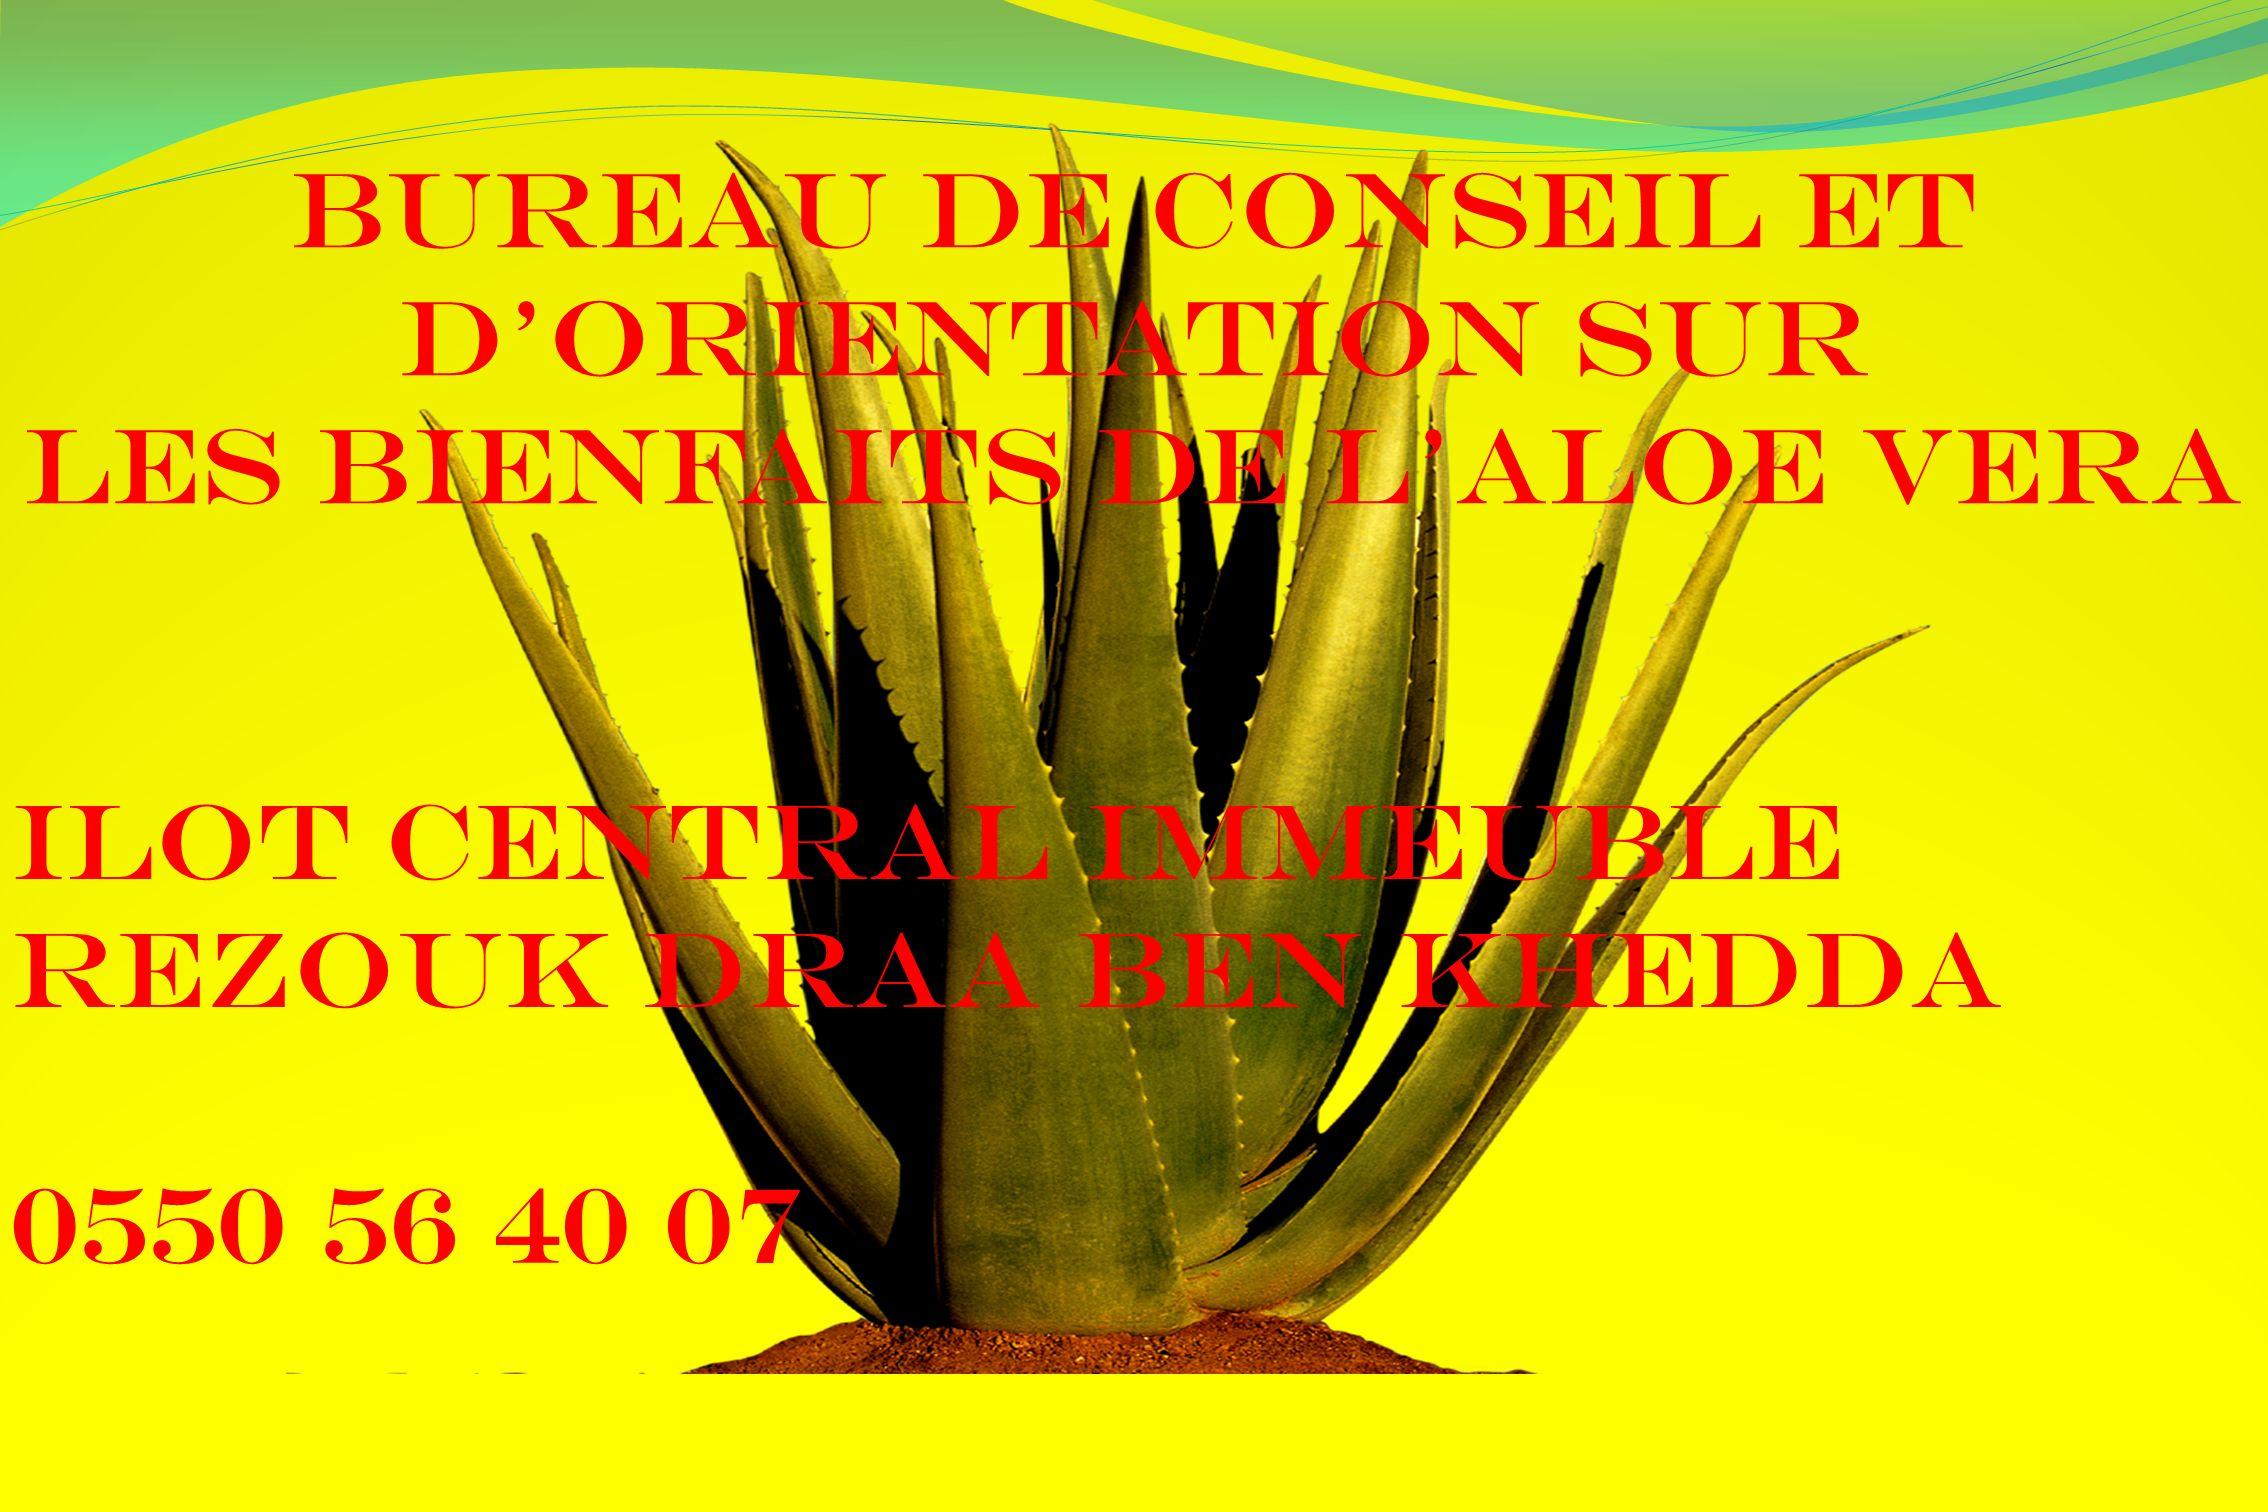 Bureau de conseil et d'orientation sur les bienfaits de L'ALOE VERA